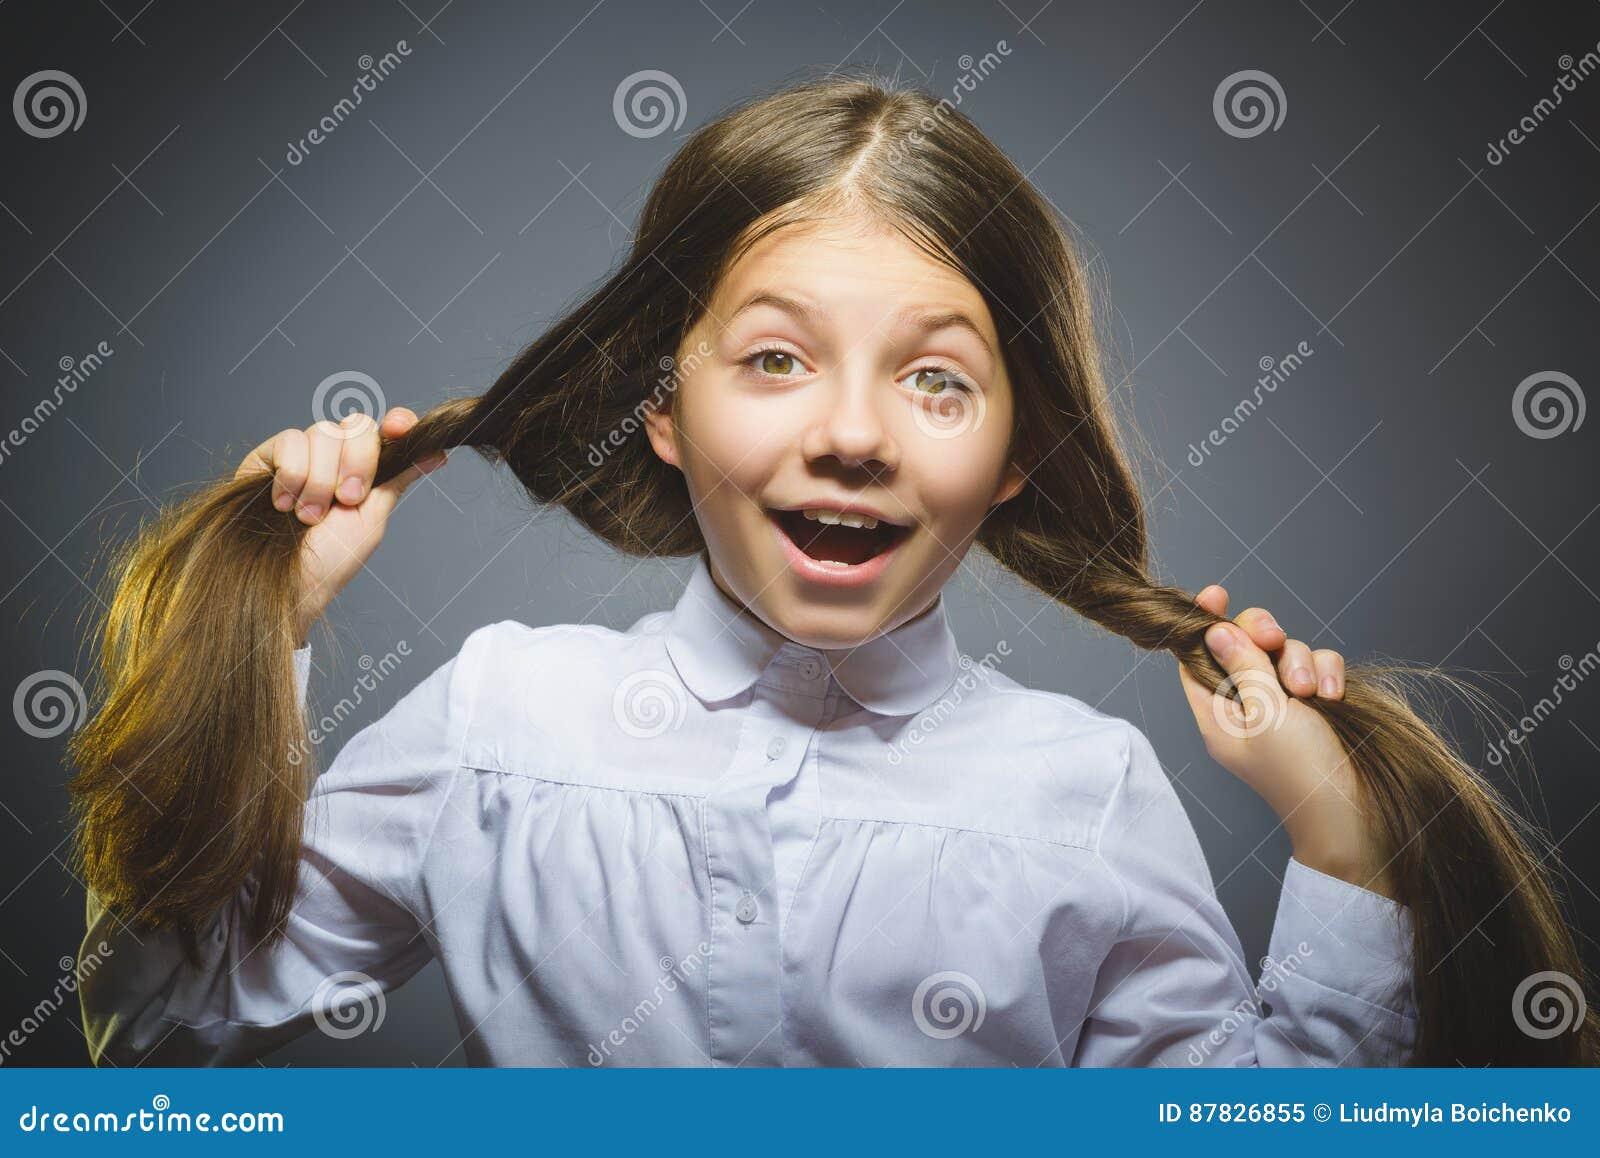 Kokettes Mädchen Hübsches jugendlich Lächeln des Nahaufnahme-Porträts lokalisiert auf Grau